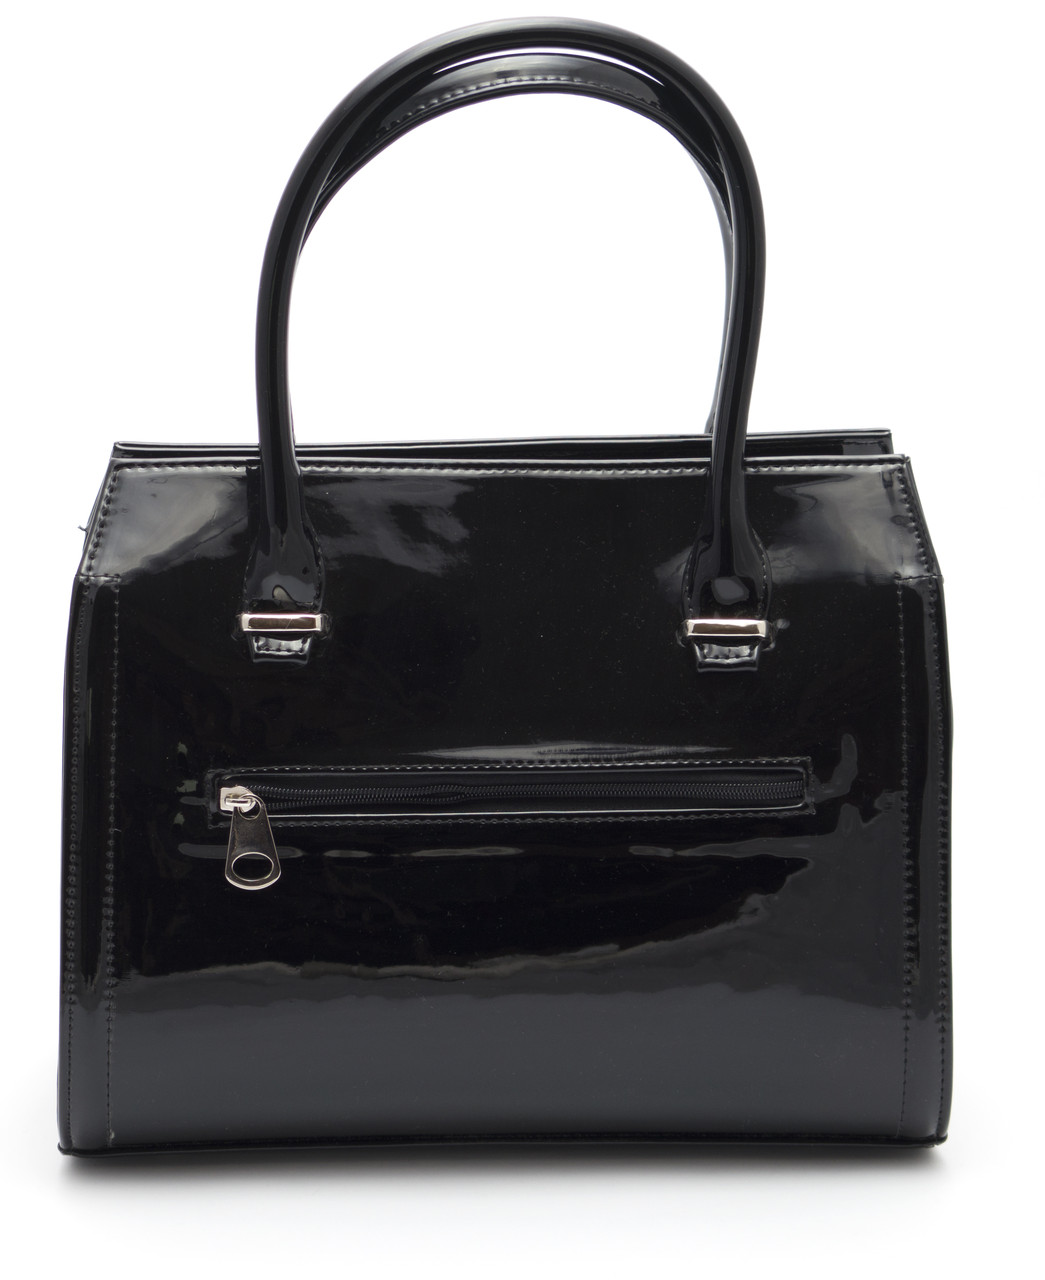 166653b30906 Черная лаковая женская сумка Zgarda Украина art. 35-14: продажа ...